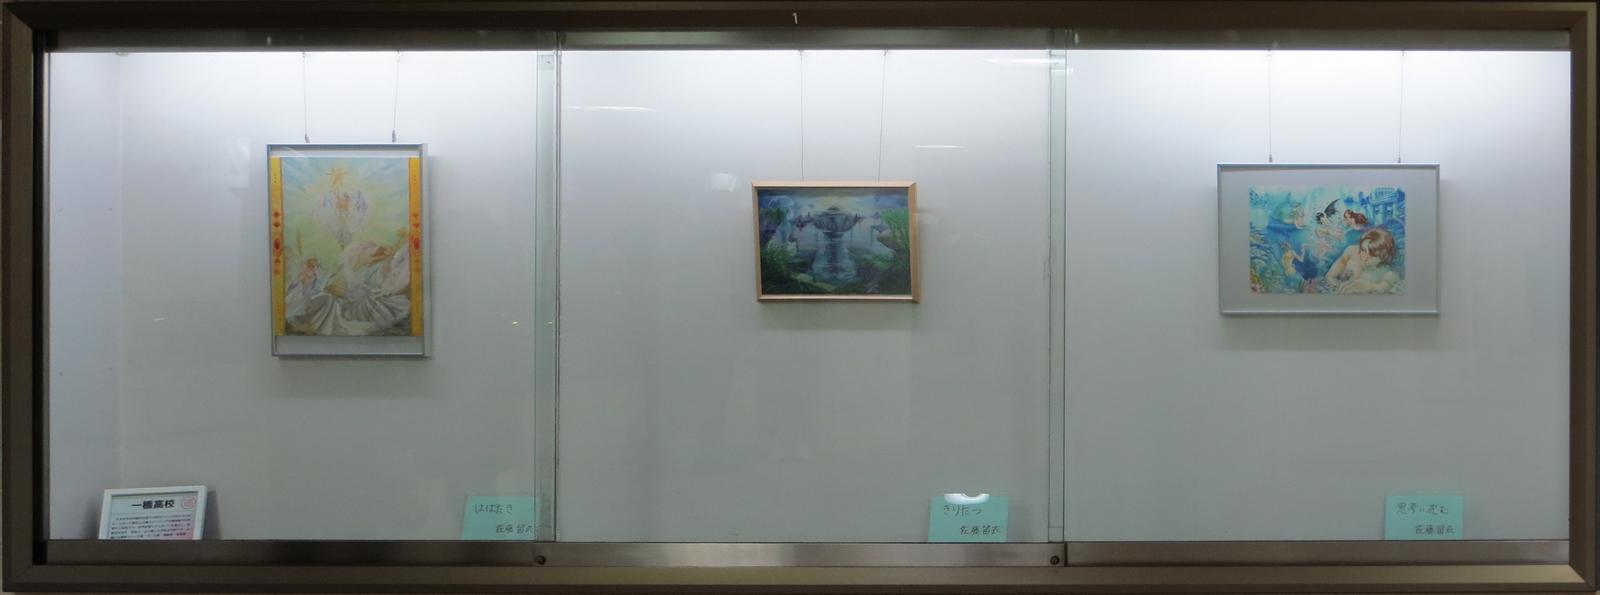 2014_一橋高校通信制